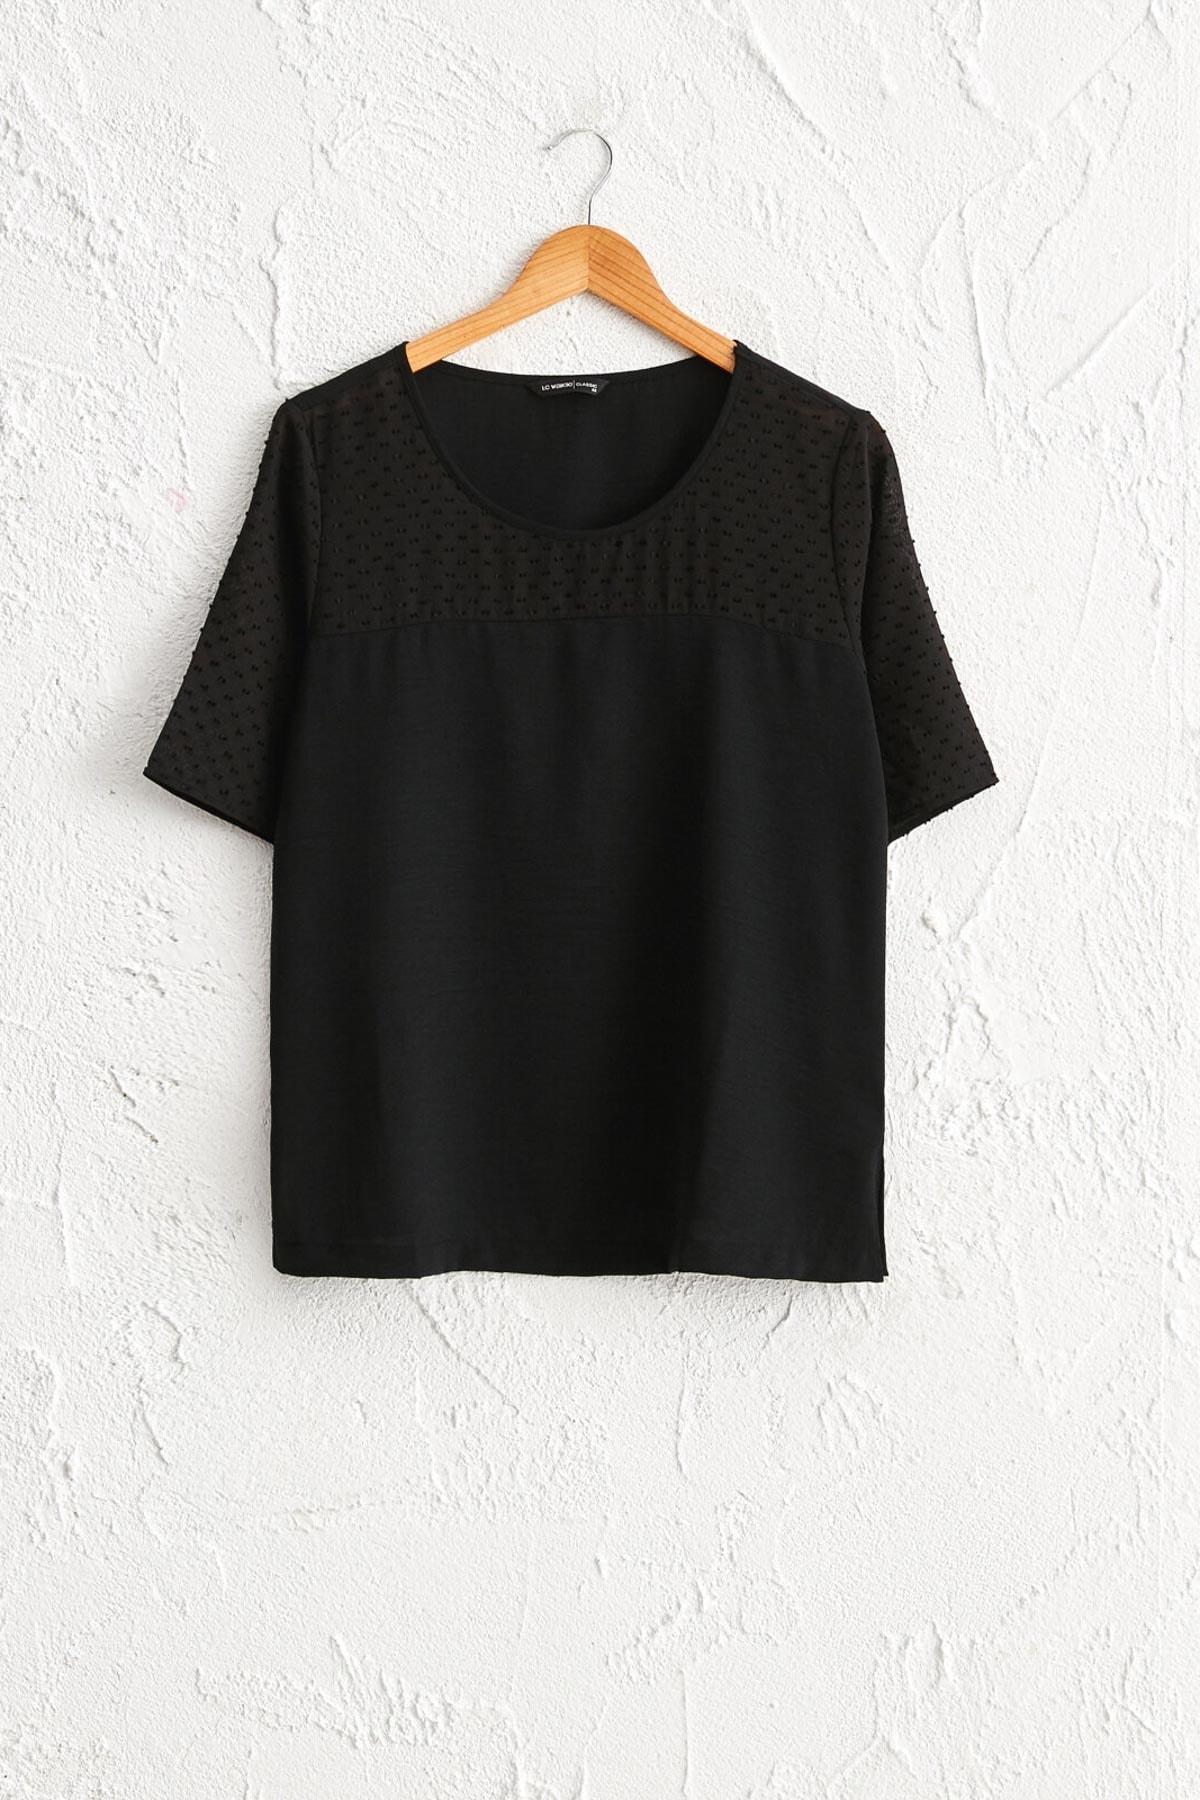 LC Waikiki Kadın Siyah Bluz 0WDI44Z8 1